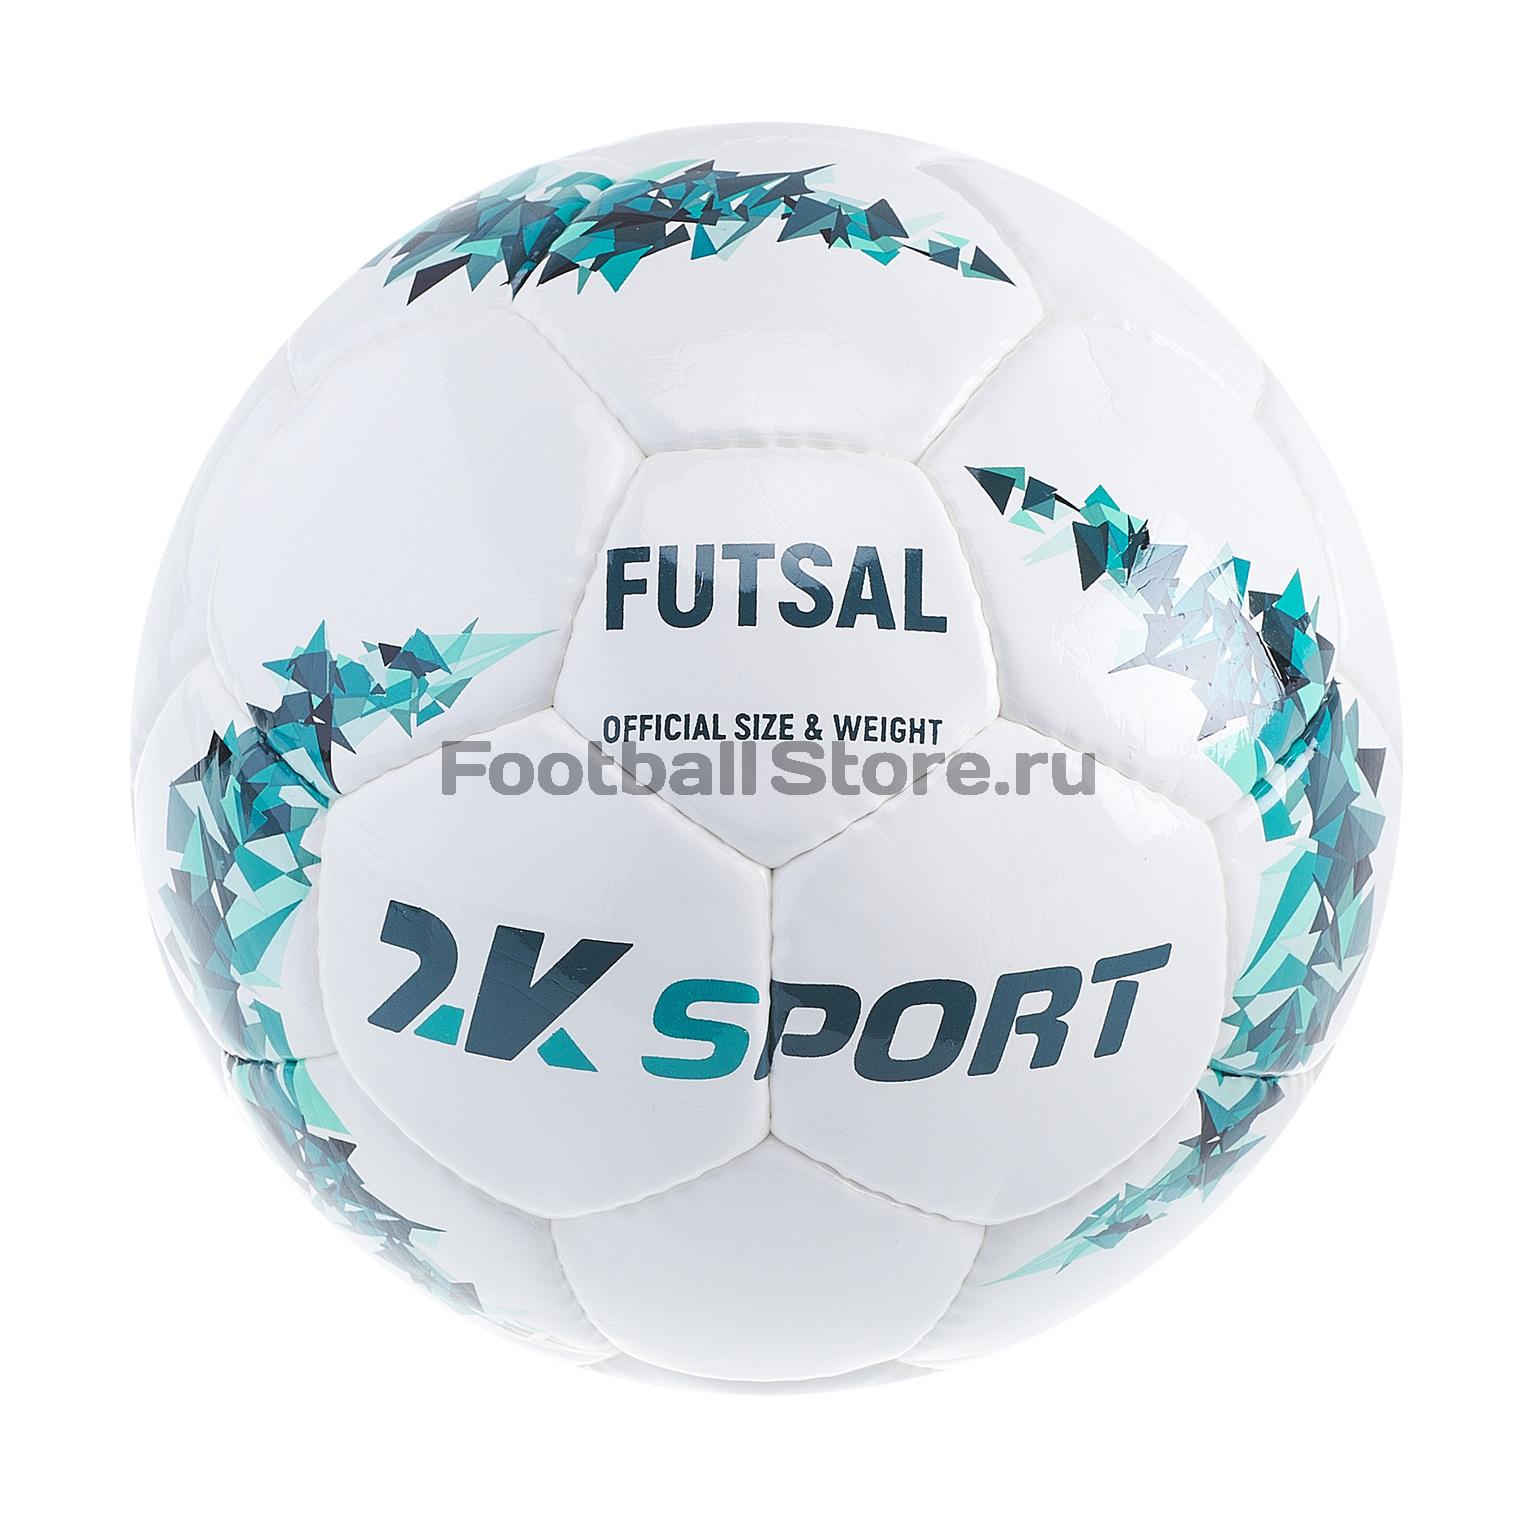 Футзальный мяч 2К Sport Crystal Prime Sala 127094 цена